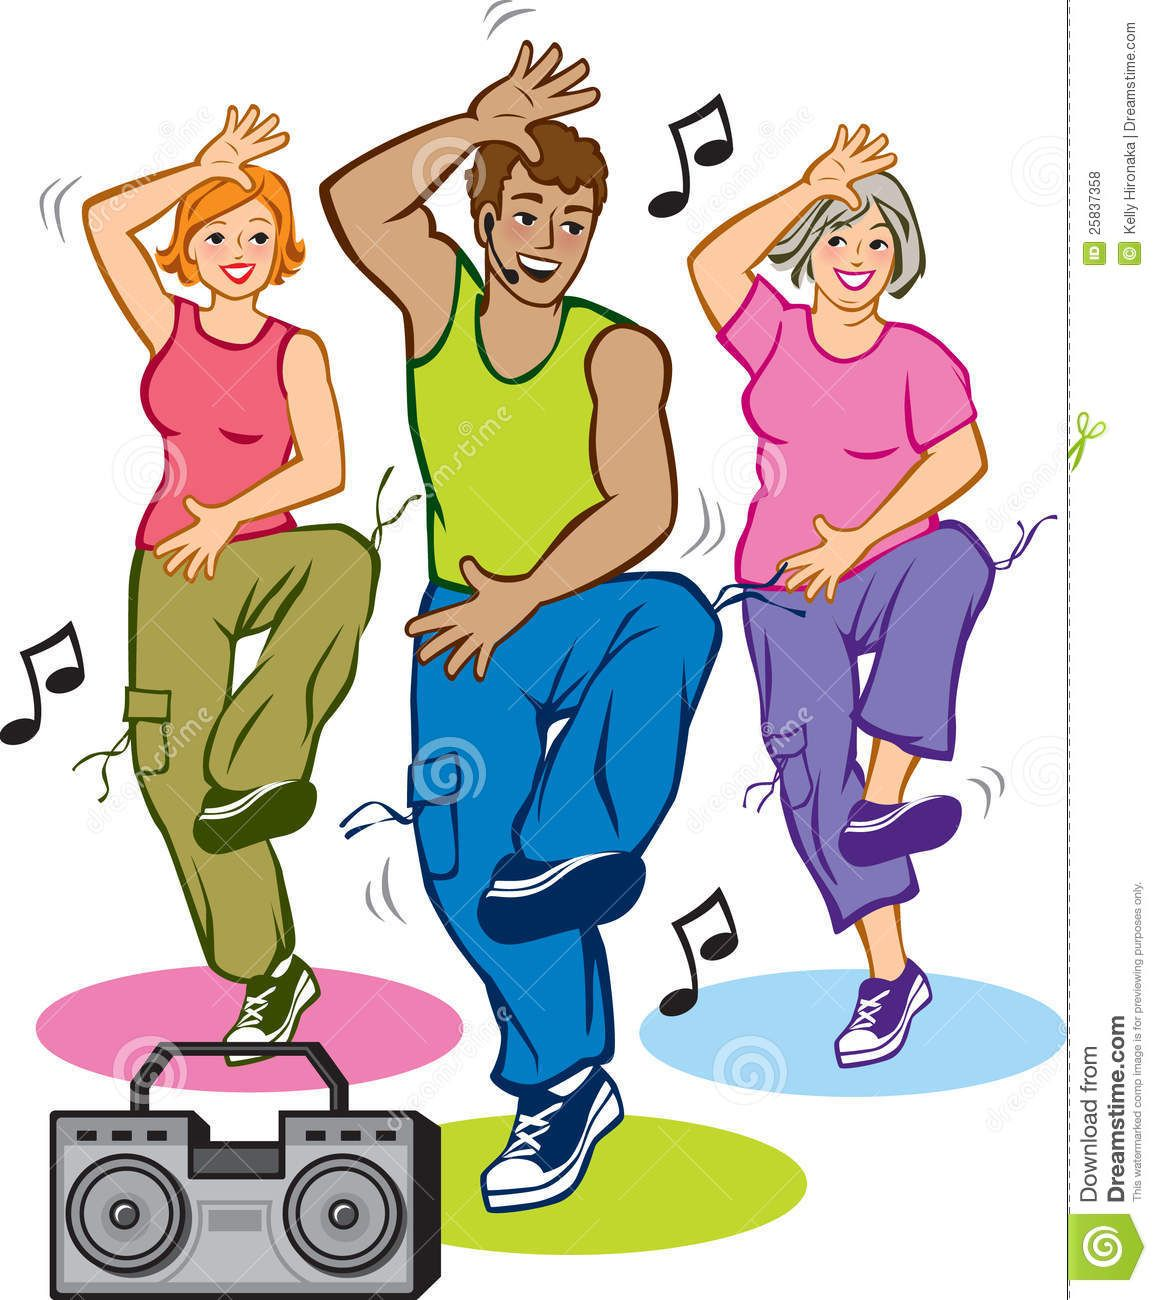 Danse vector illustration of. Exercise clipart fitness program